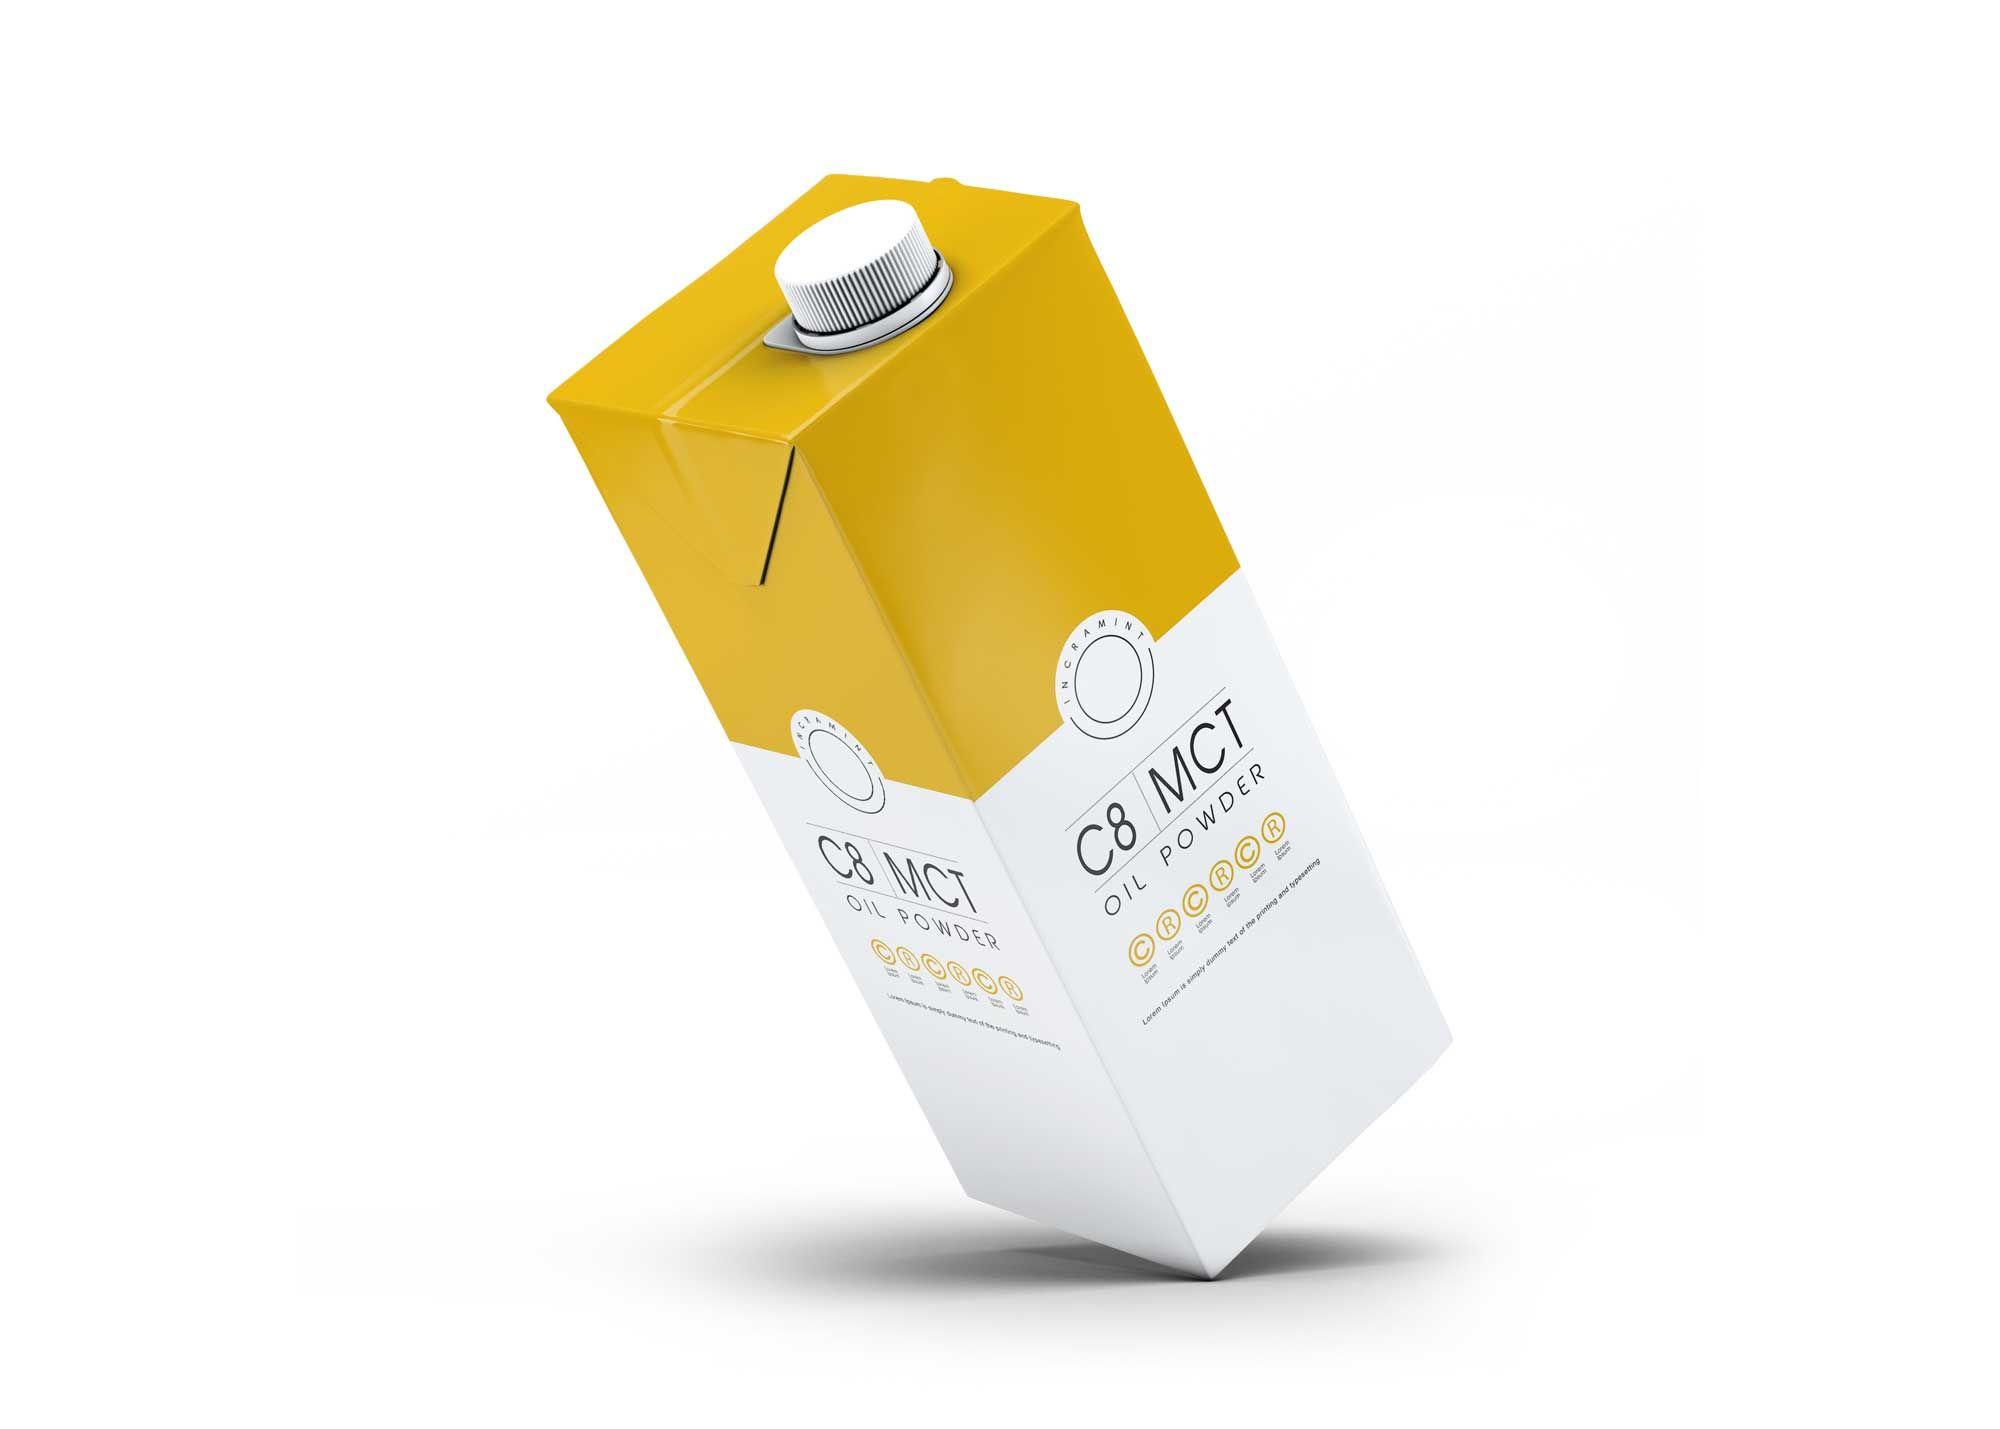 Download Premium Juice Carton Packaging Mockup Download Downloadpremium Downloadpsd Mockups Psd Packagingmockup Juice Carton Packaging Mockup Packaging